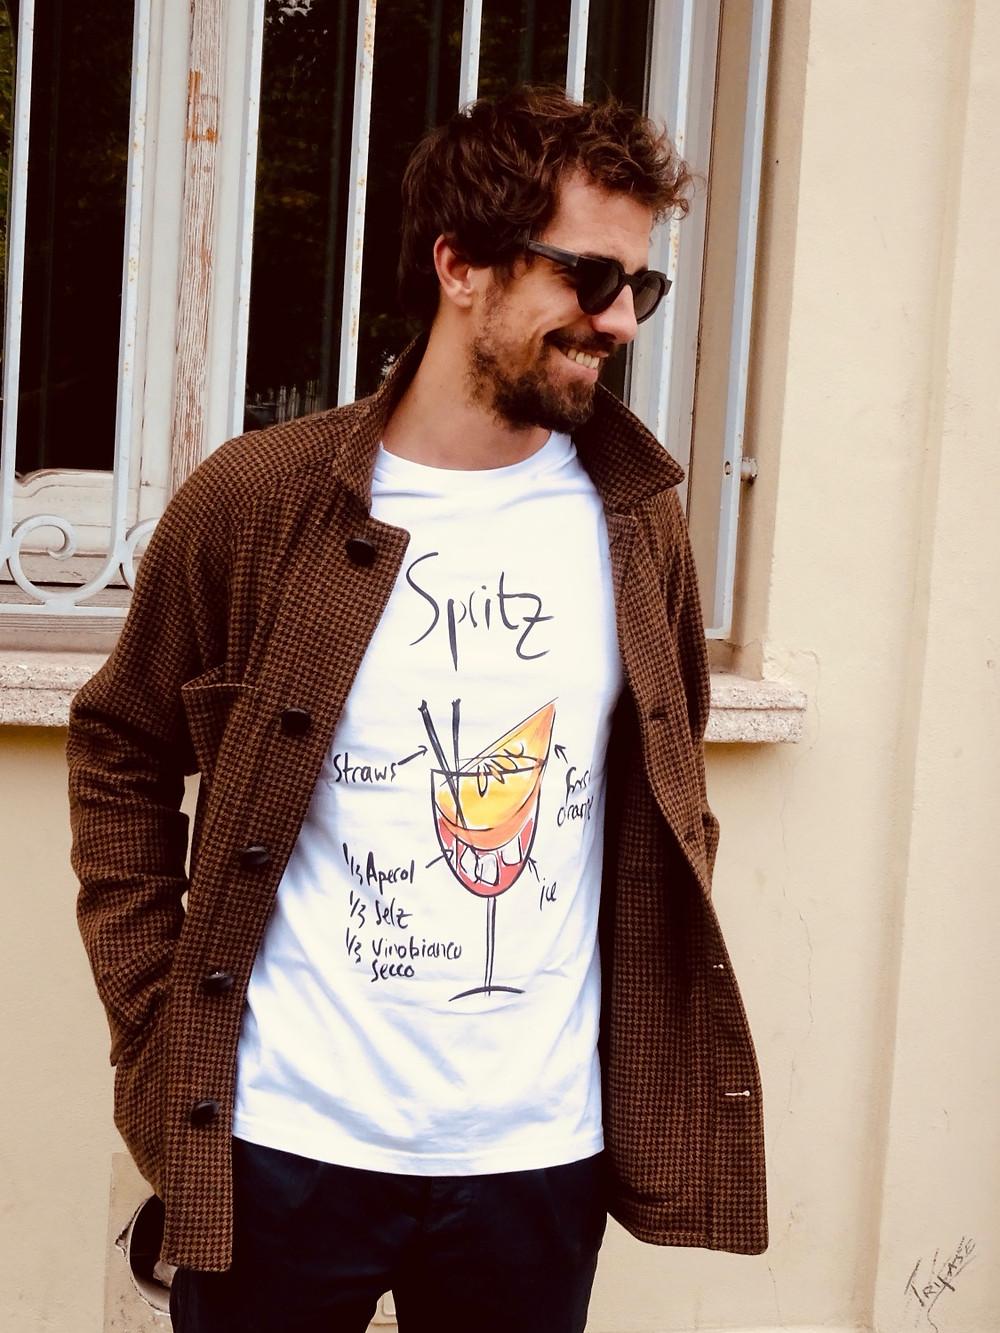 Spritz t shirt uomo online originale Tarluc - idea t shirt addio al celibato